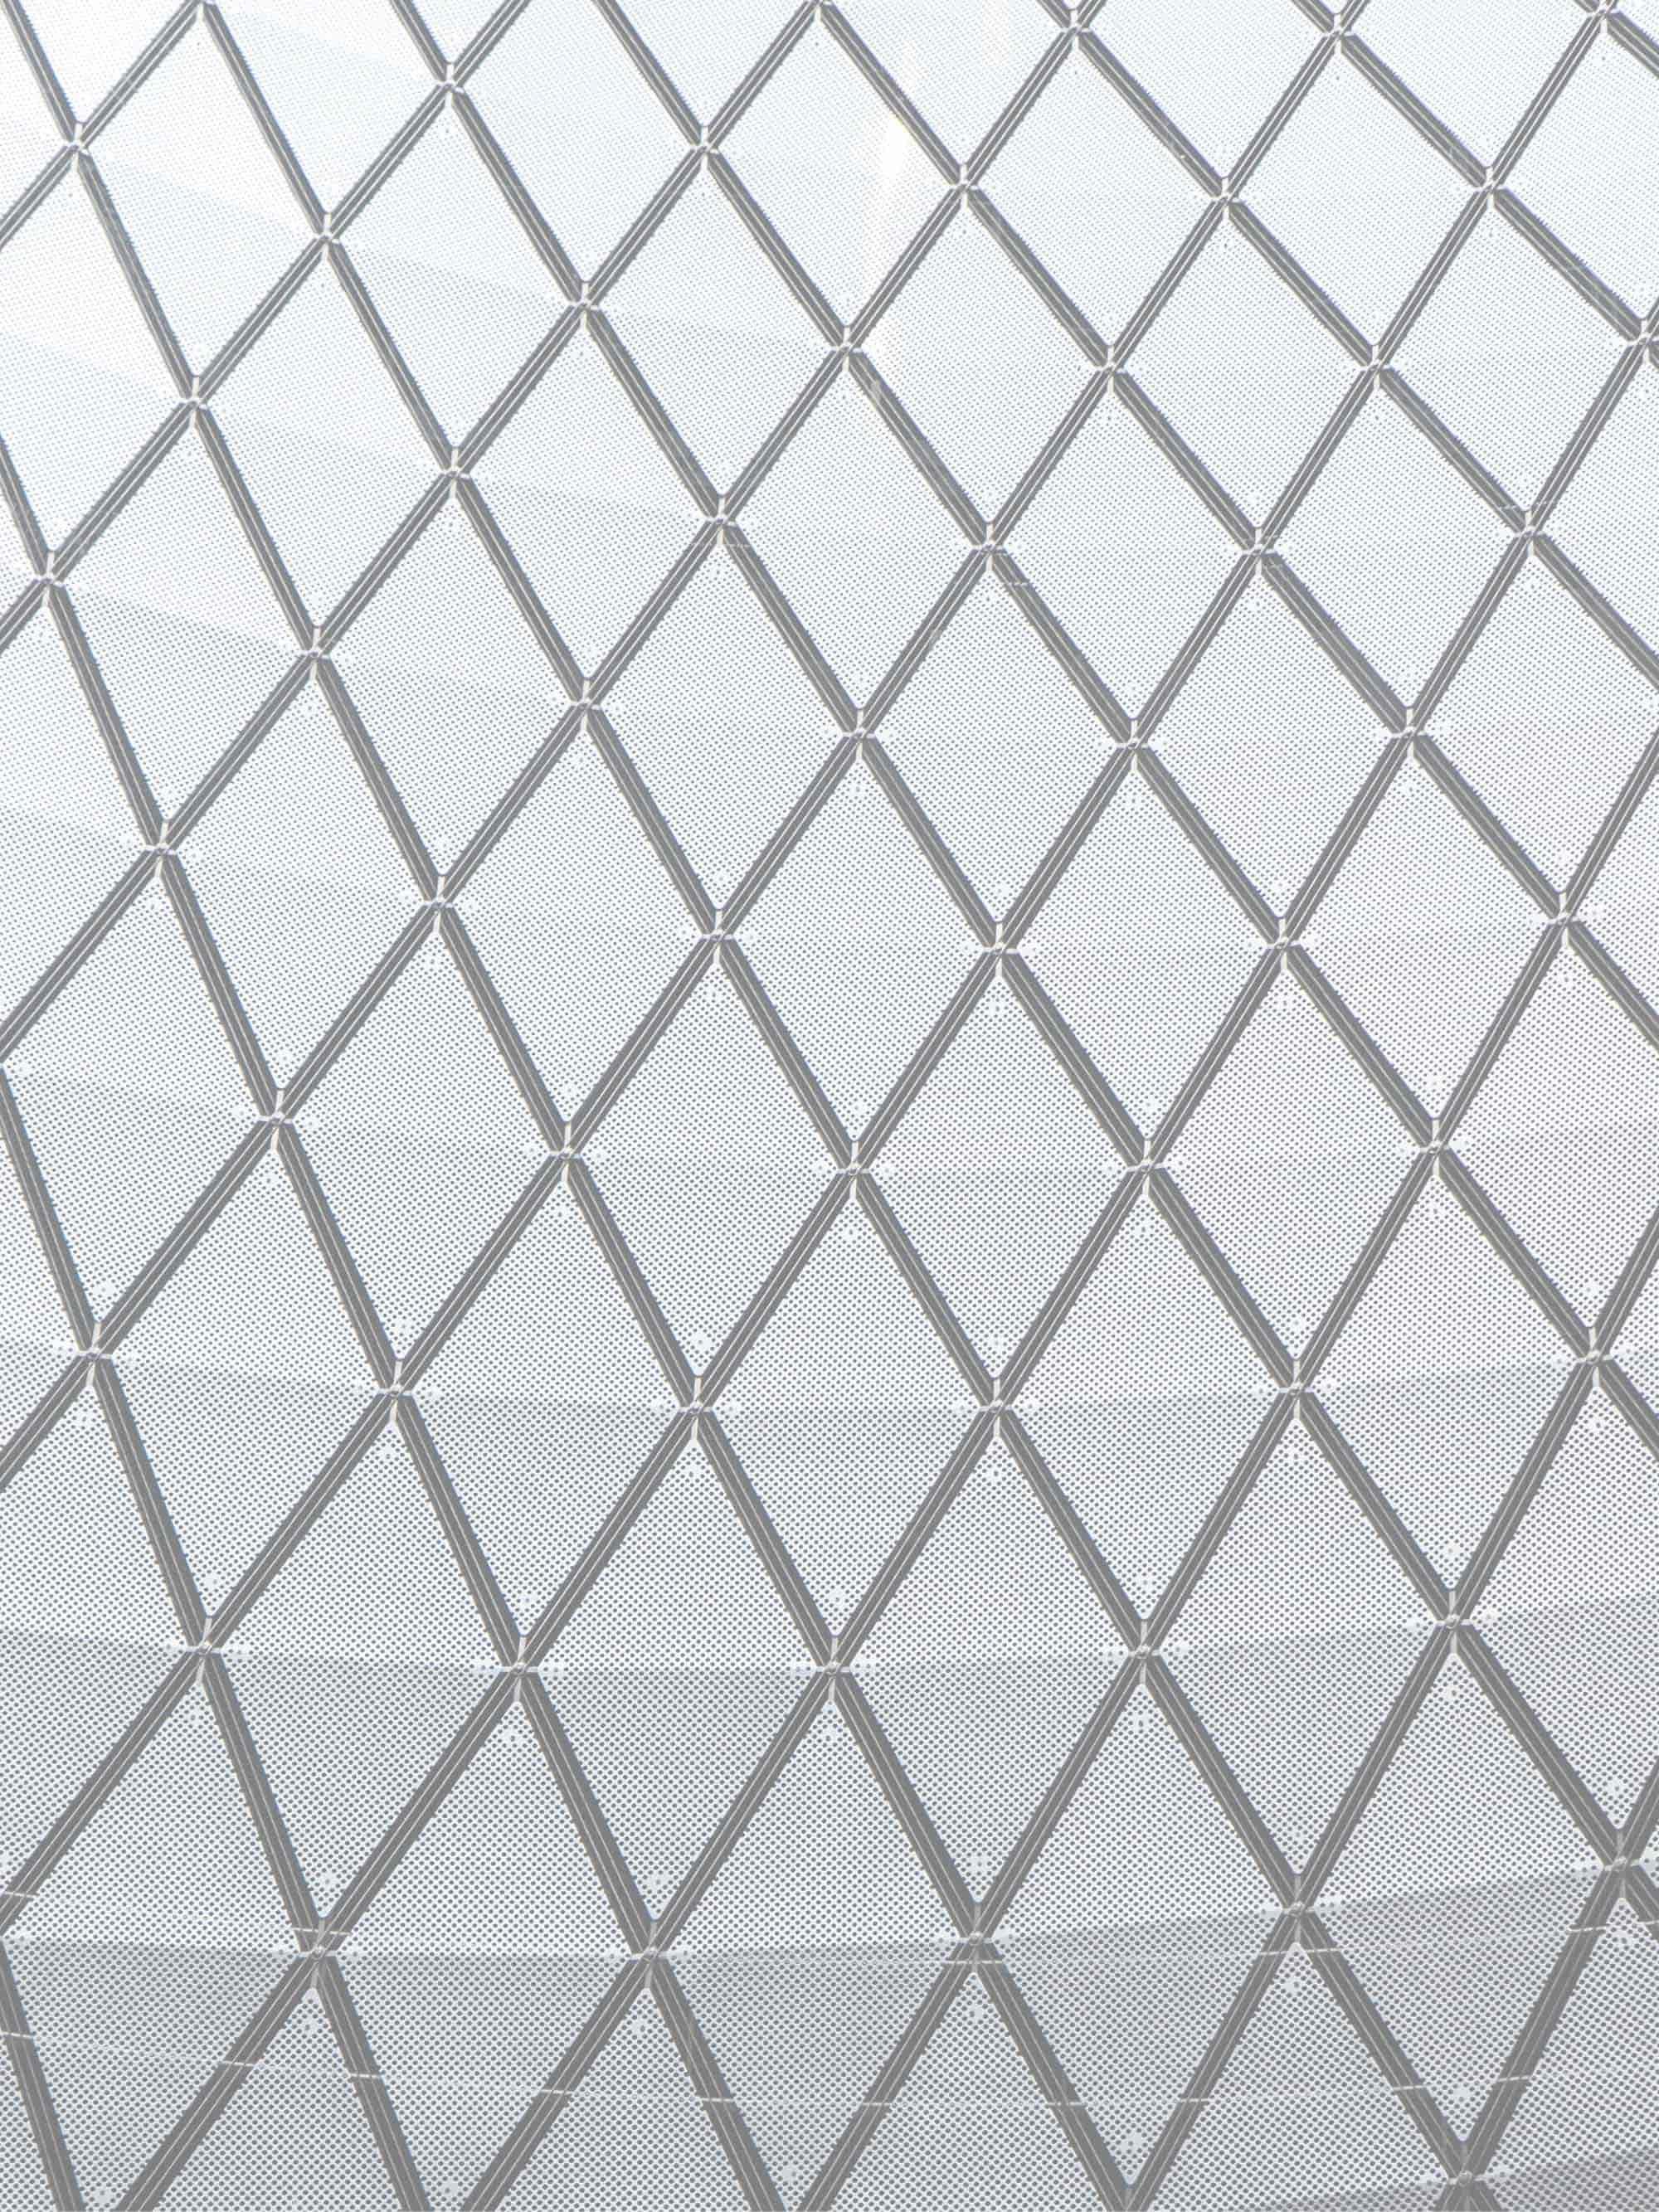 1.3x4-image-6-half-color.jpg